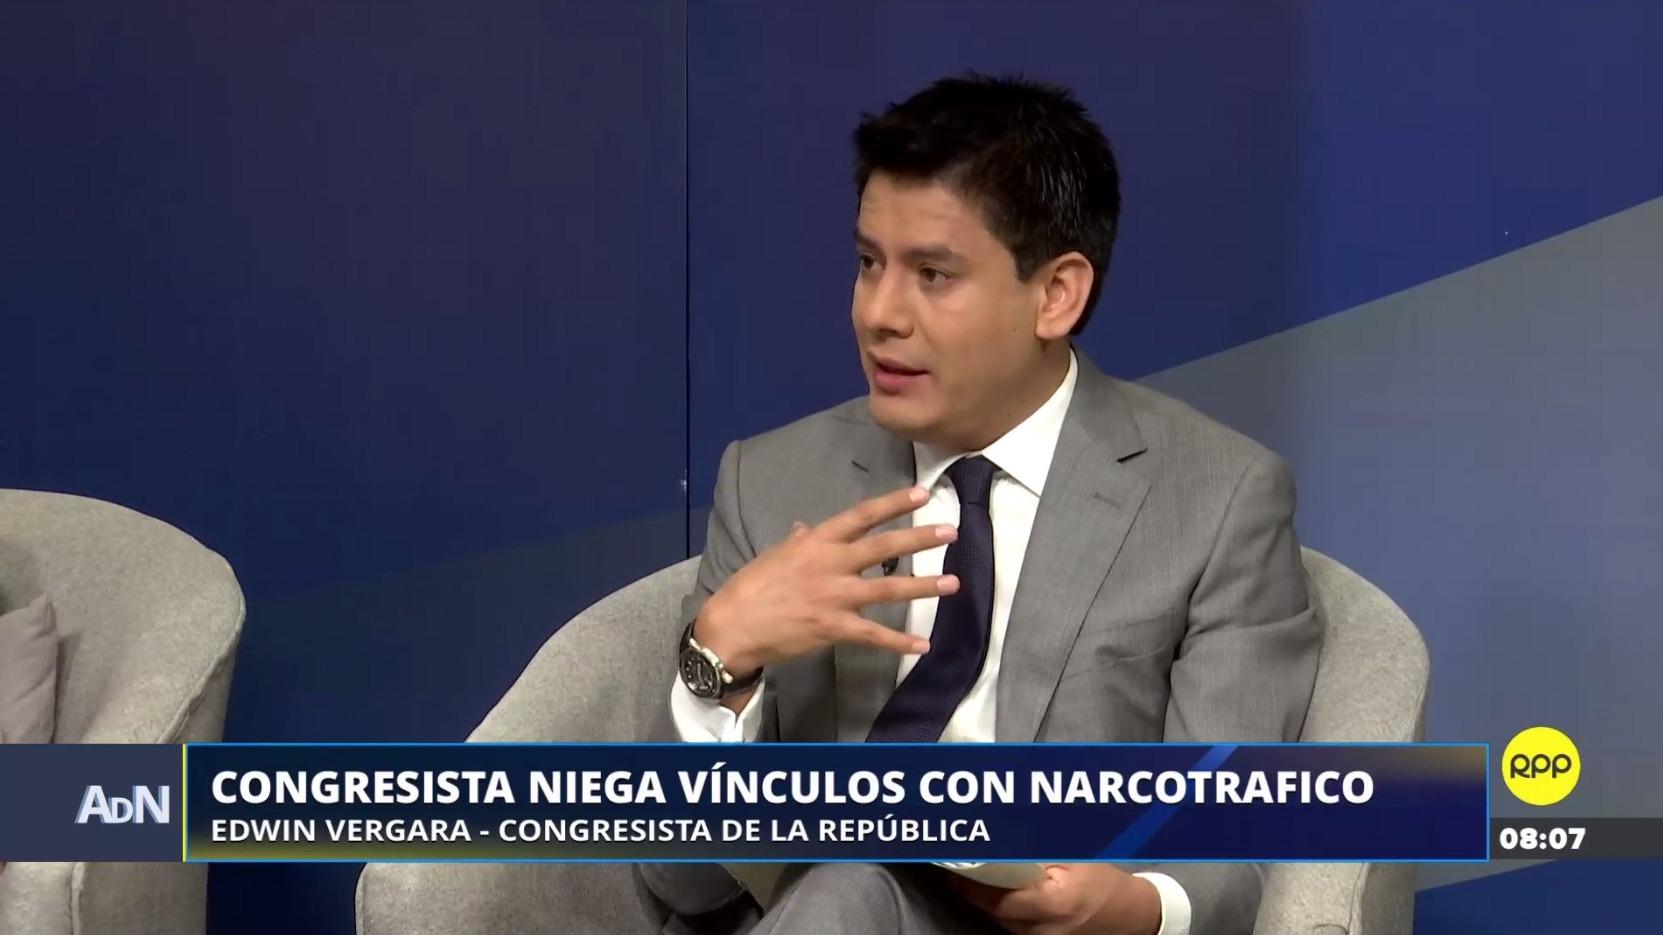 Edwin Vergara negó su vínculo con el narcotráfico en RPP Noticias.